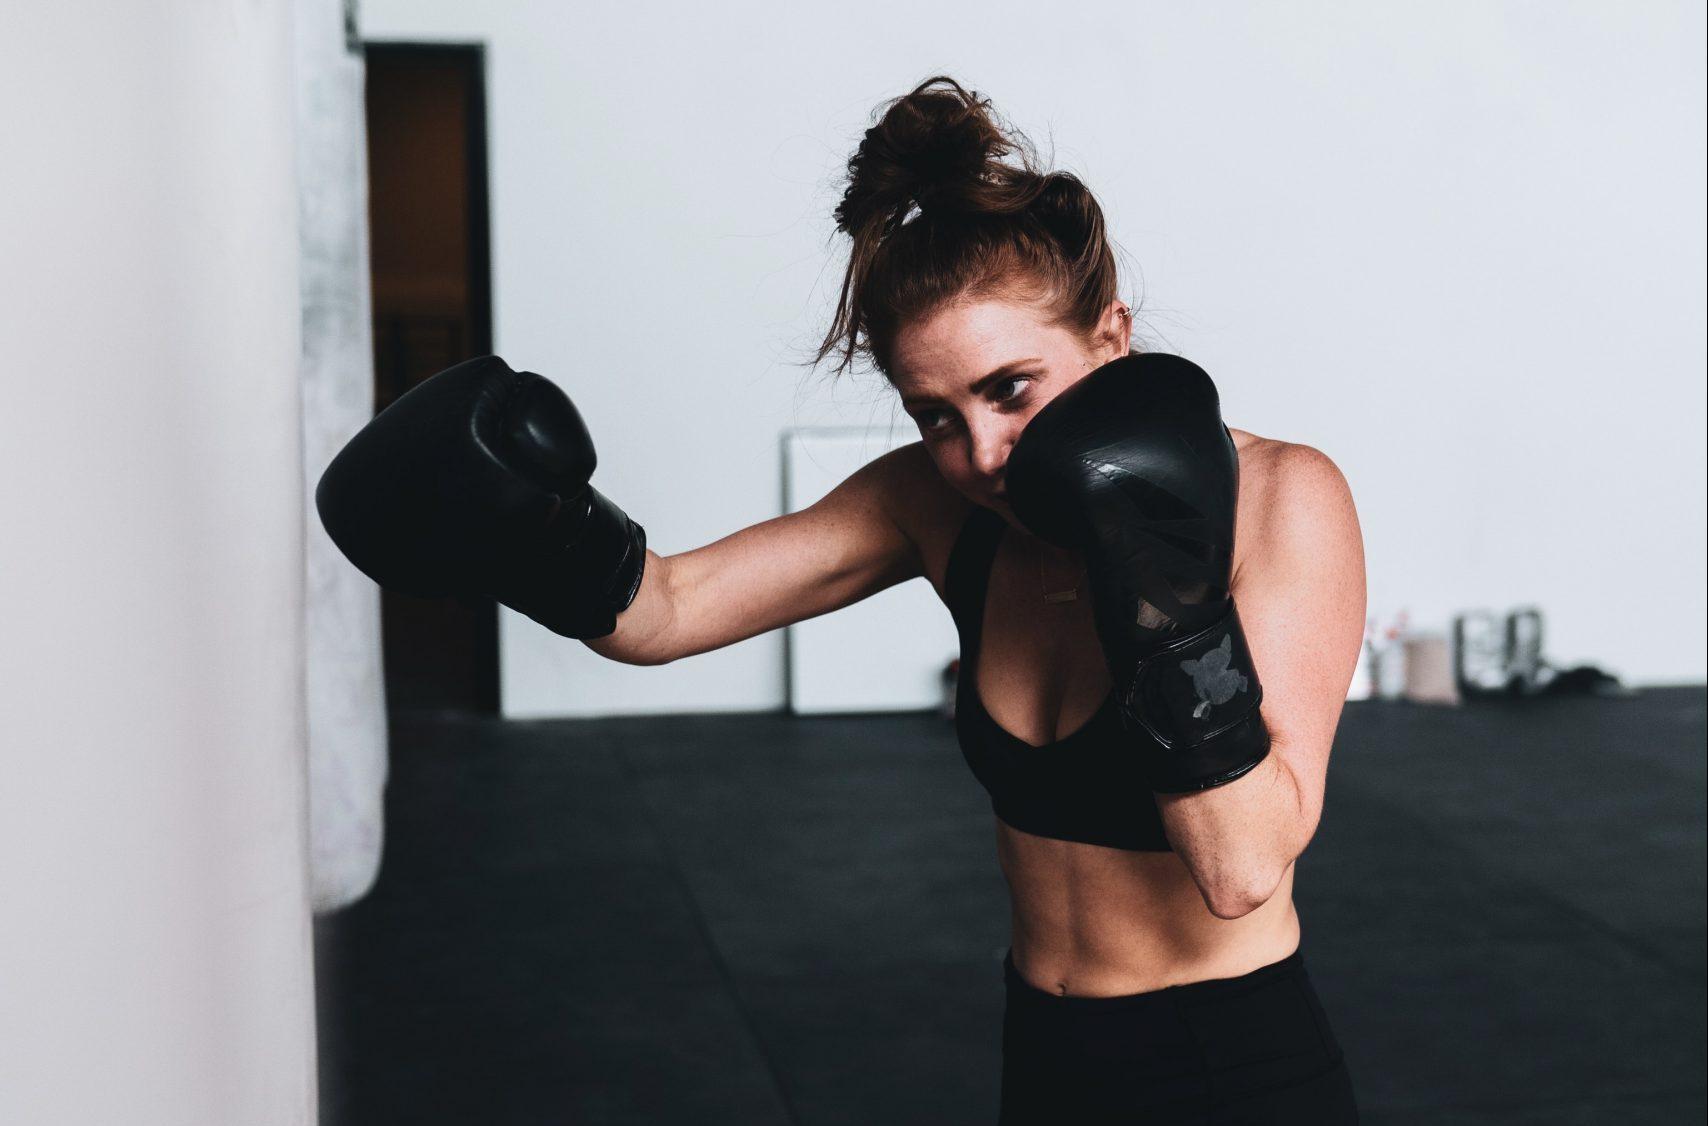 Hagyjuk már, hogy a küzdősport nem való a nőknek!